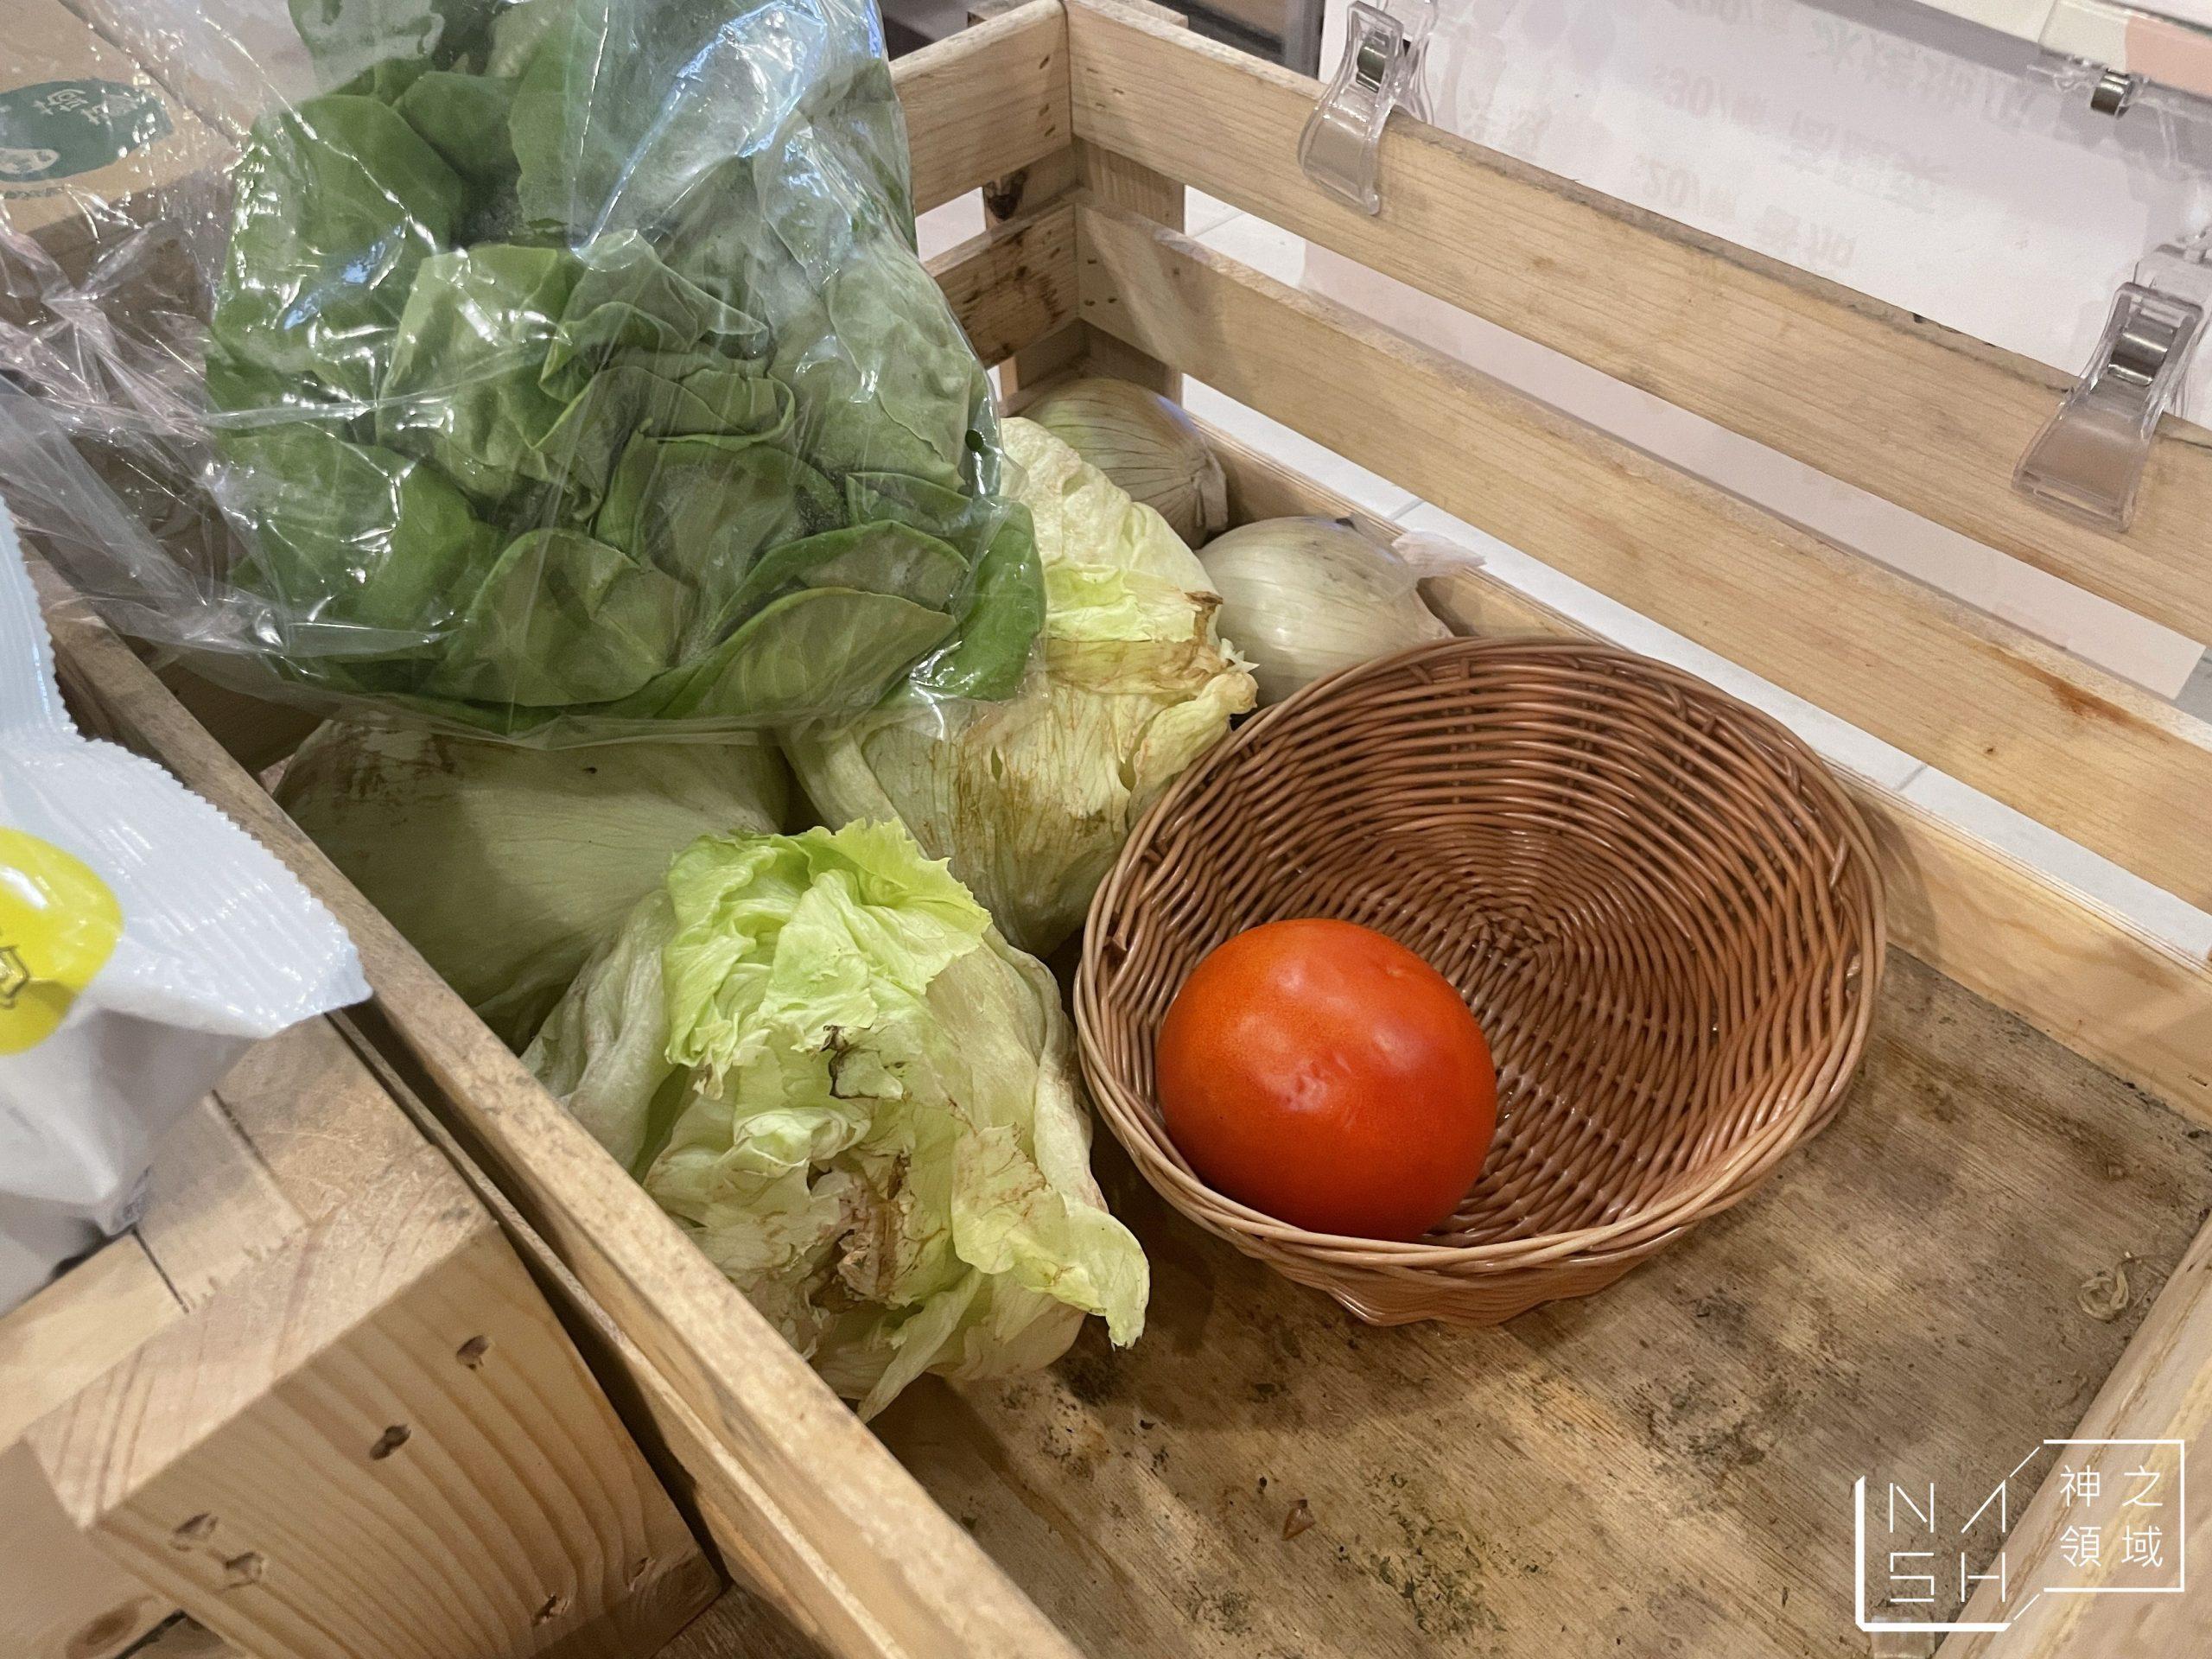 摩斯蔬菜箱